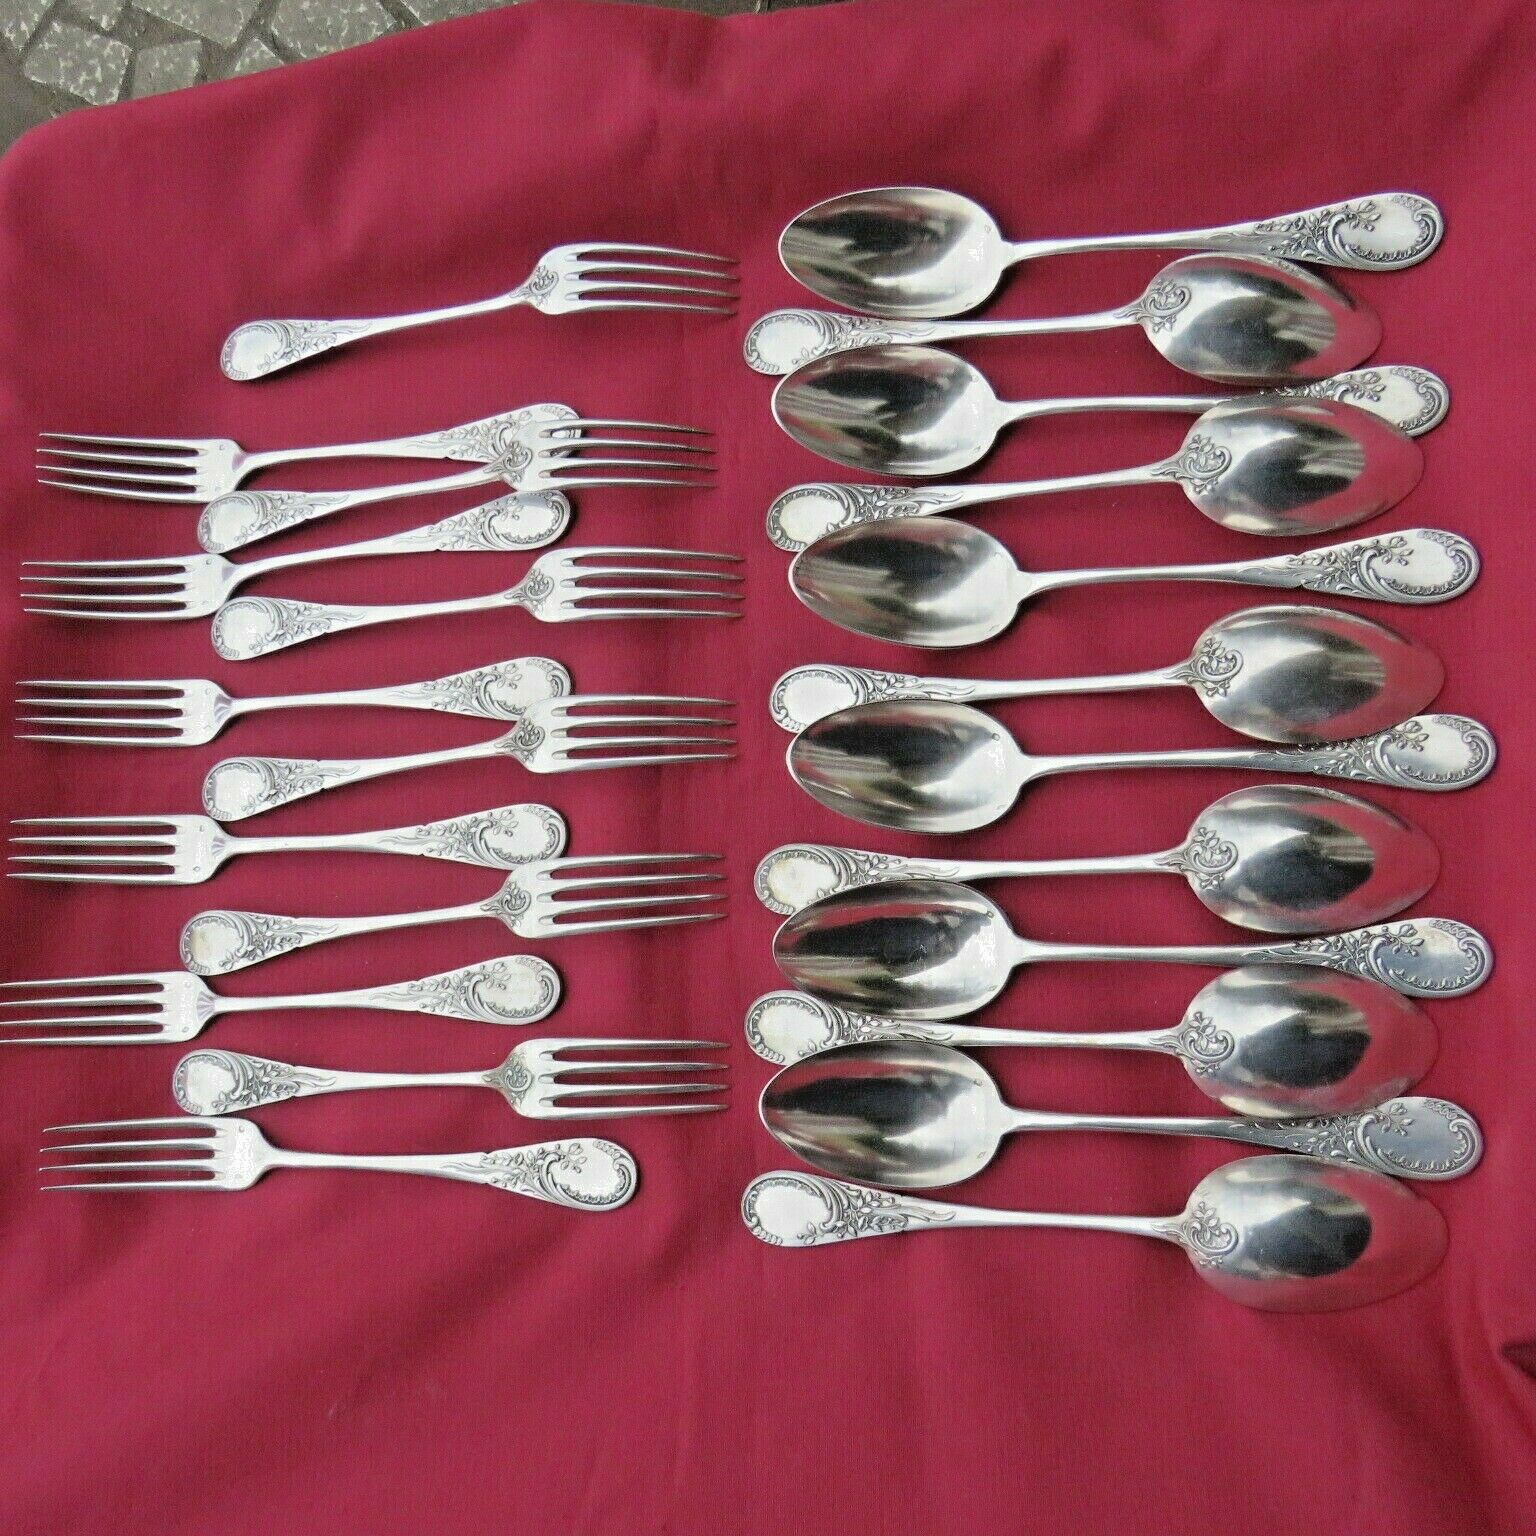 24 couverts ;12 fourchettes et 12 cuillères en argent massif minerve 1730 GR